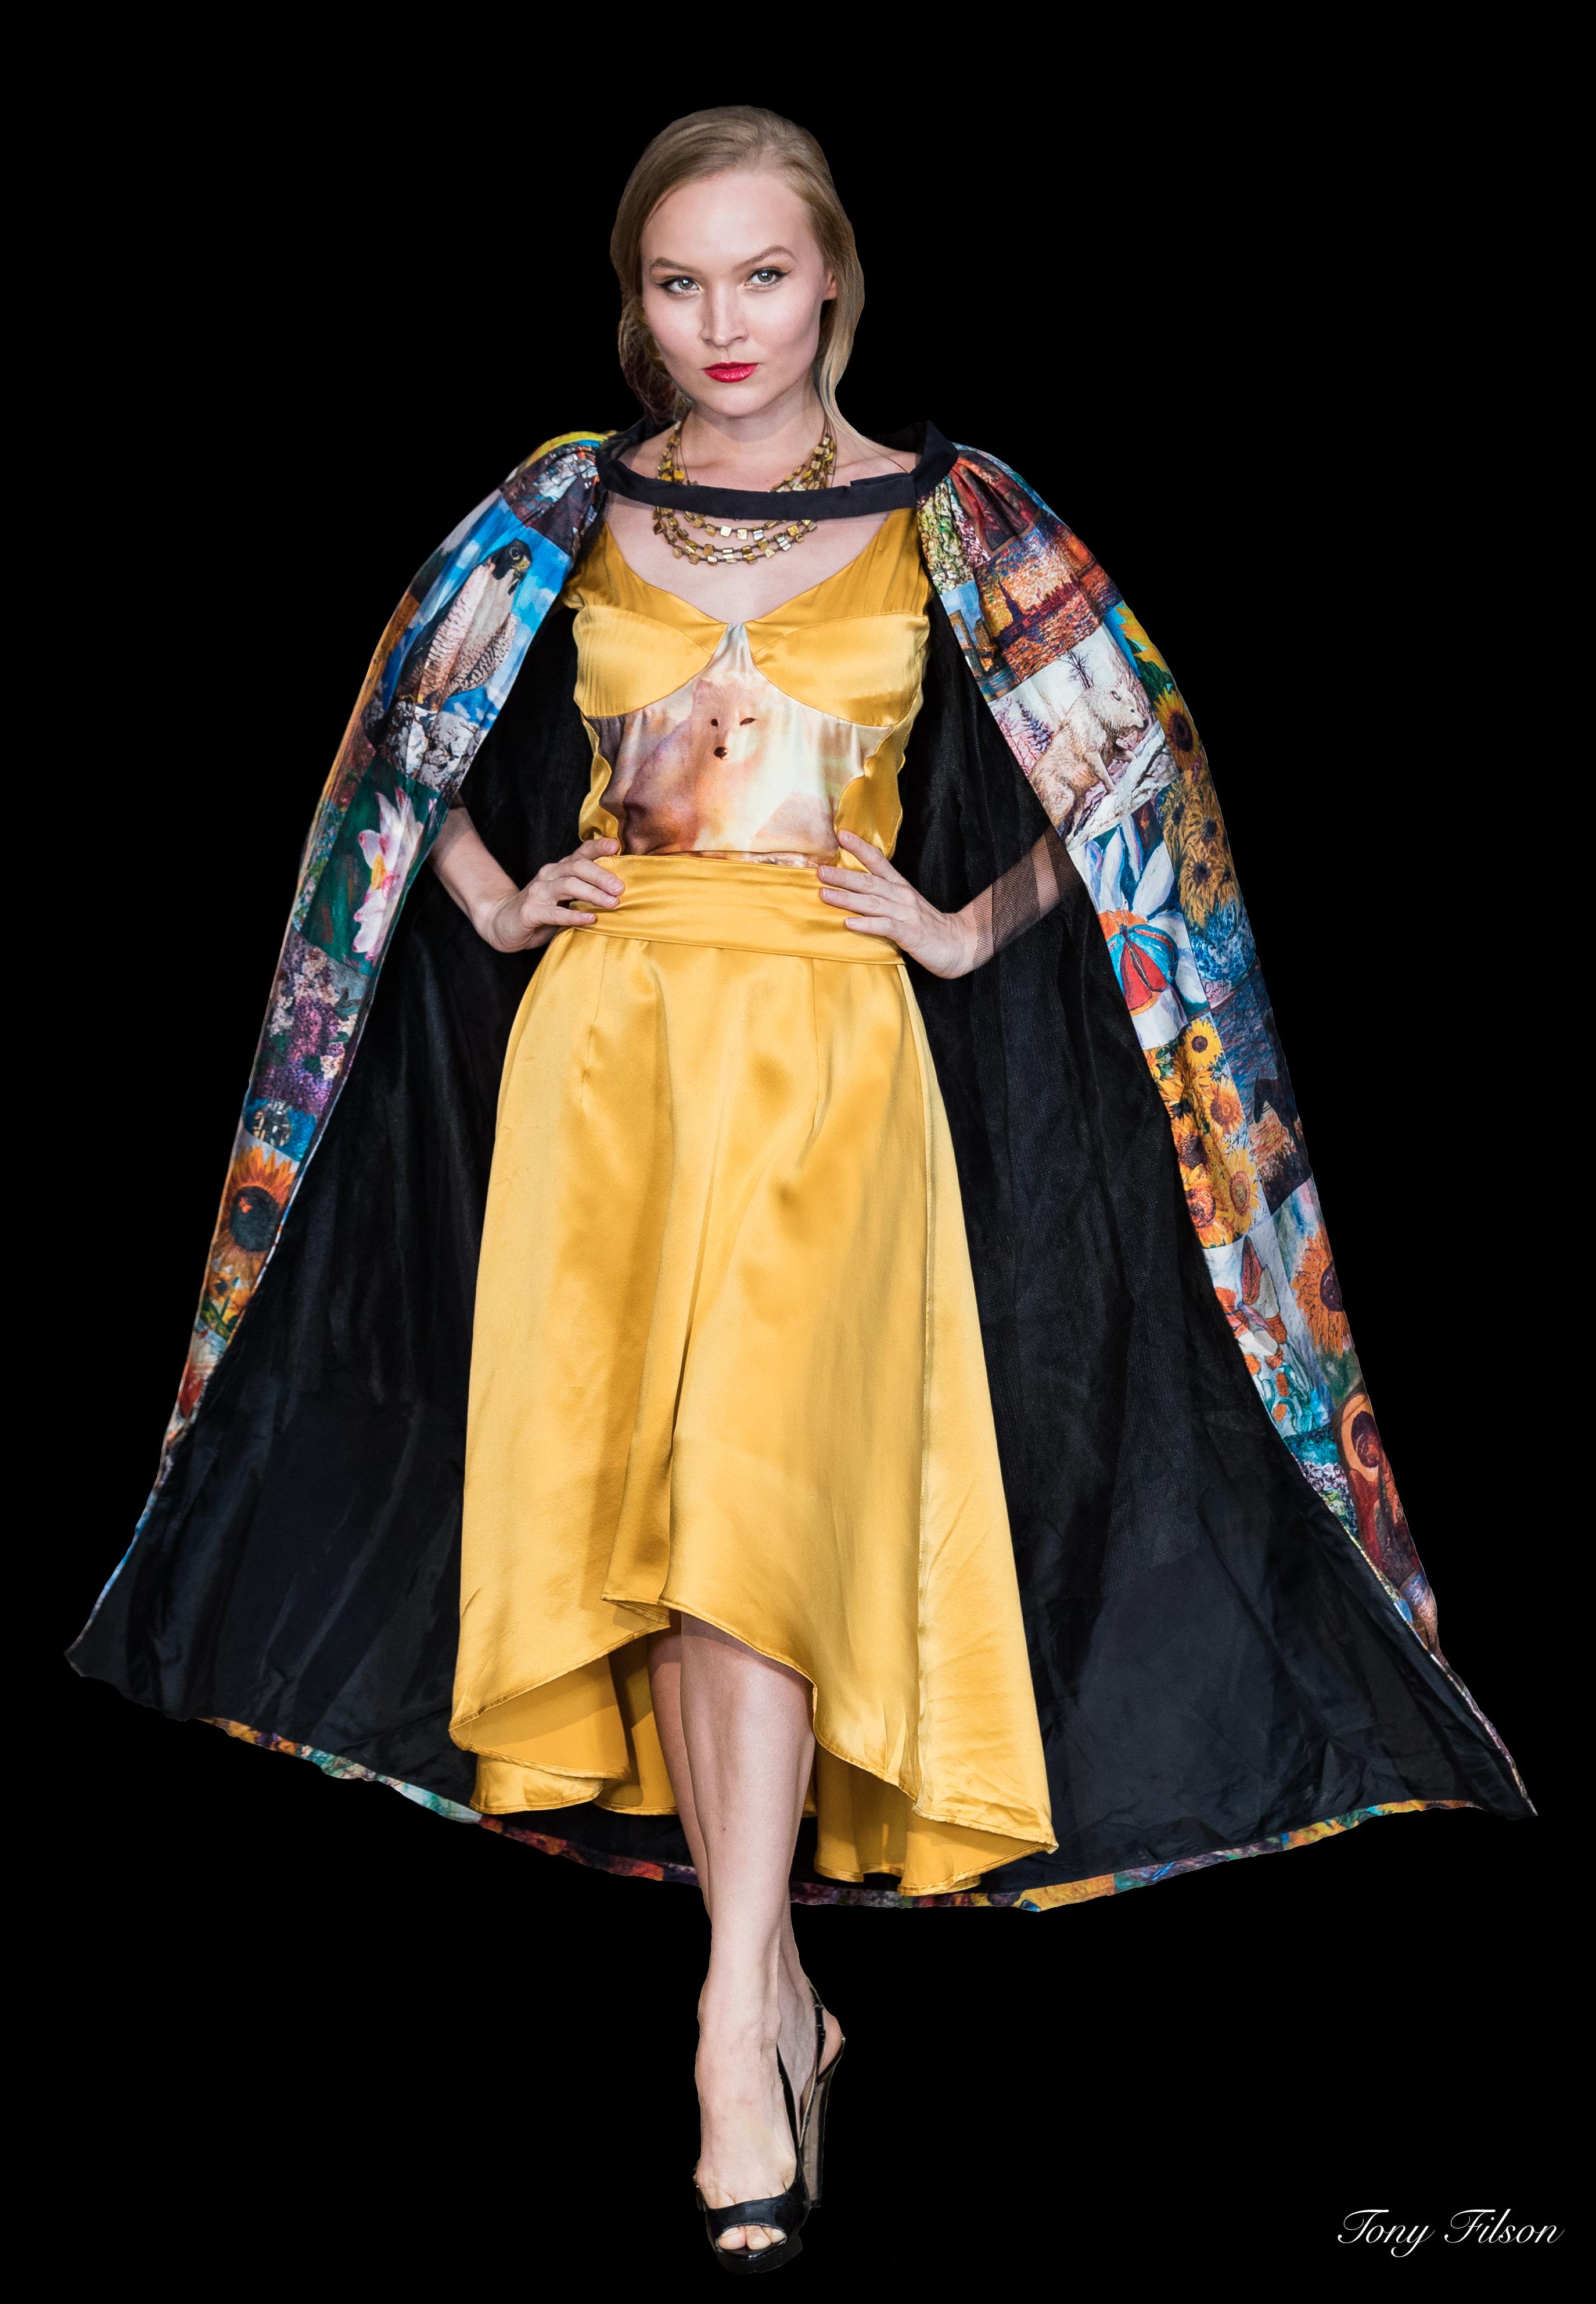 Stefaniya Makarova - Model